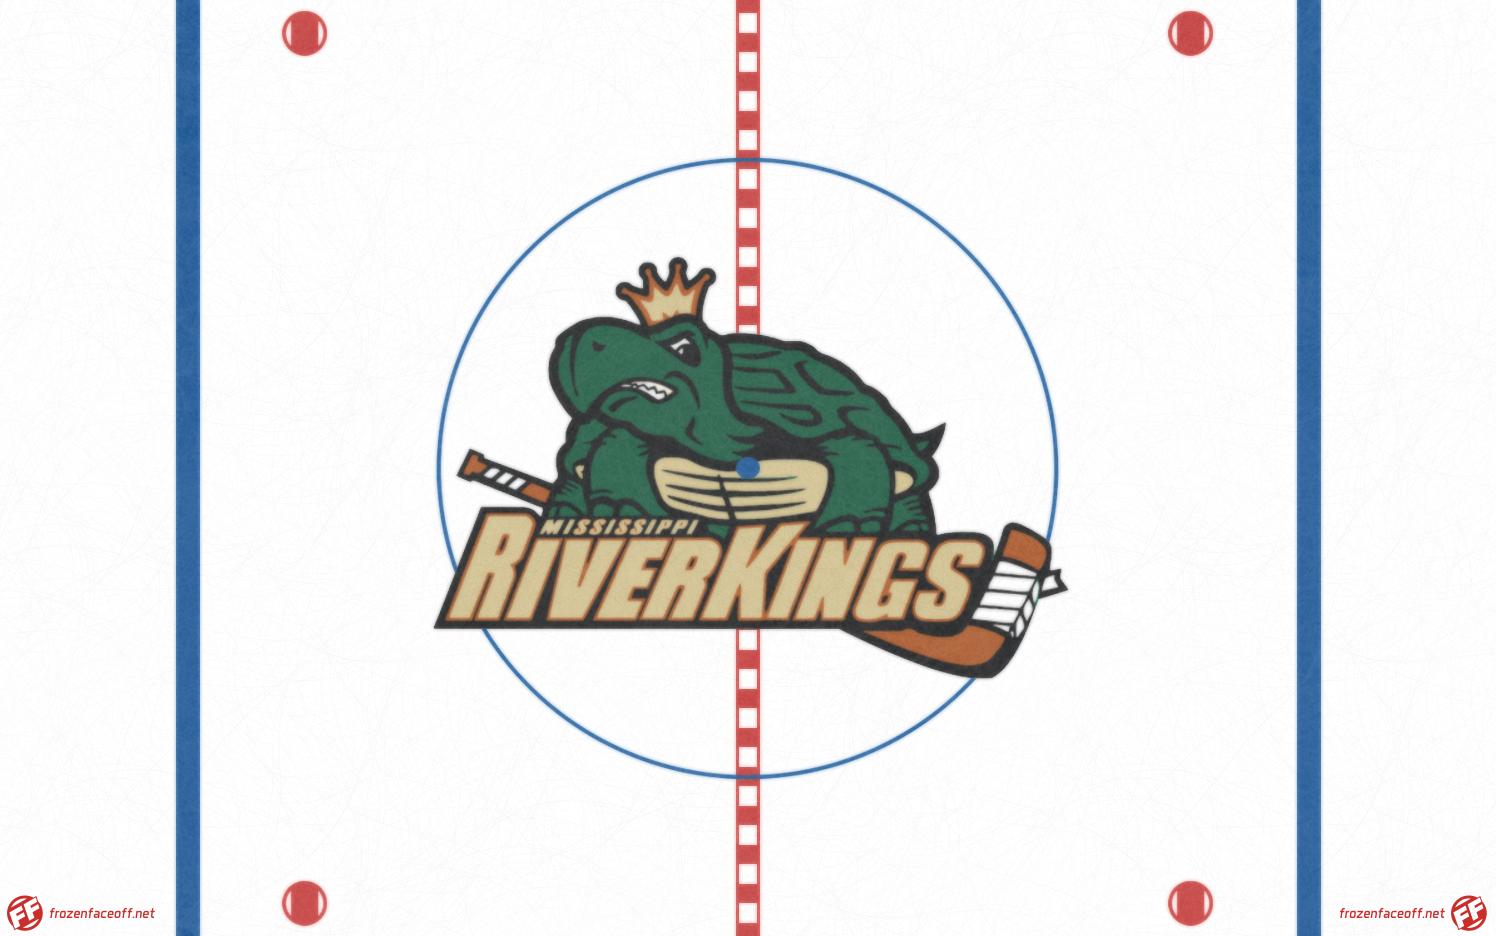 Mississippi RiverKings 2015-2012